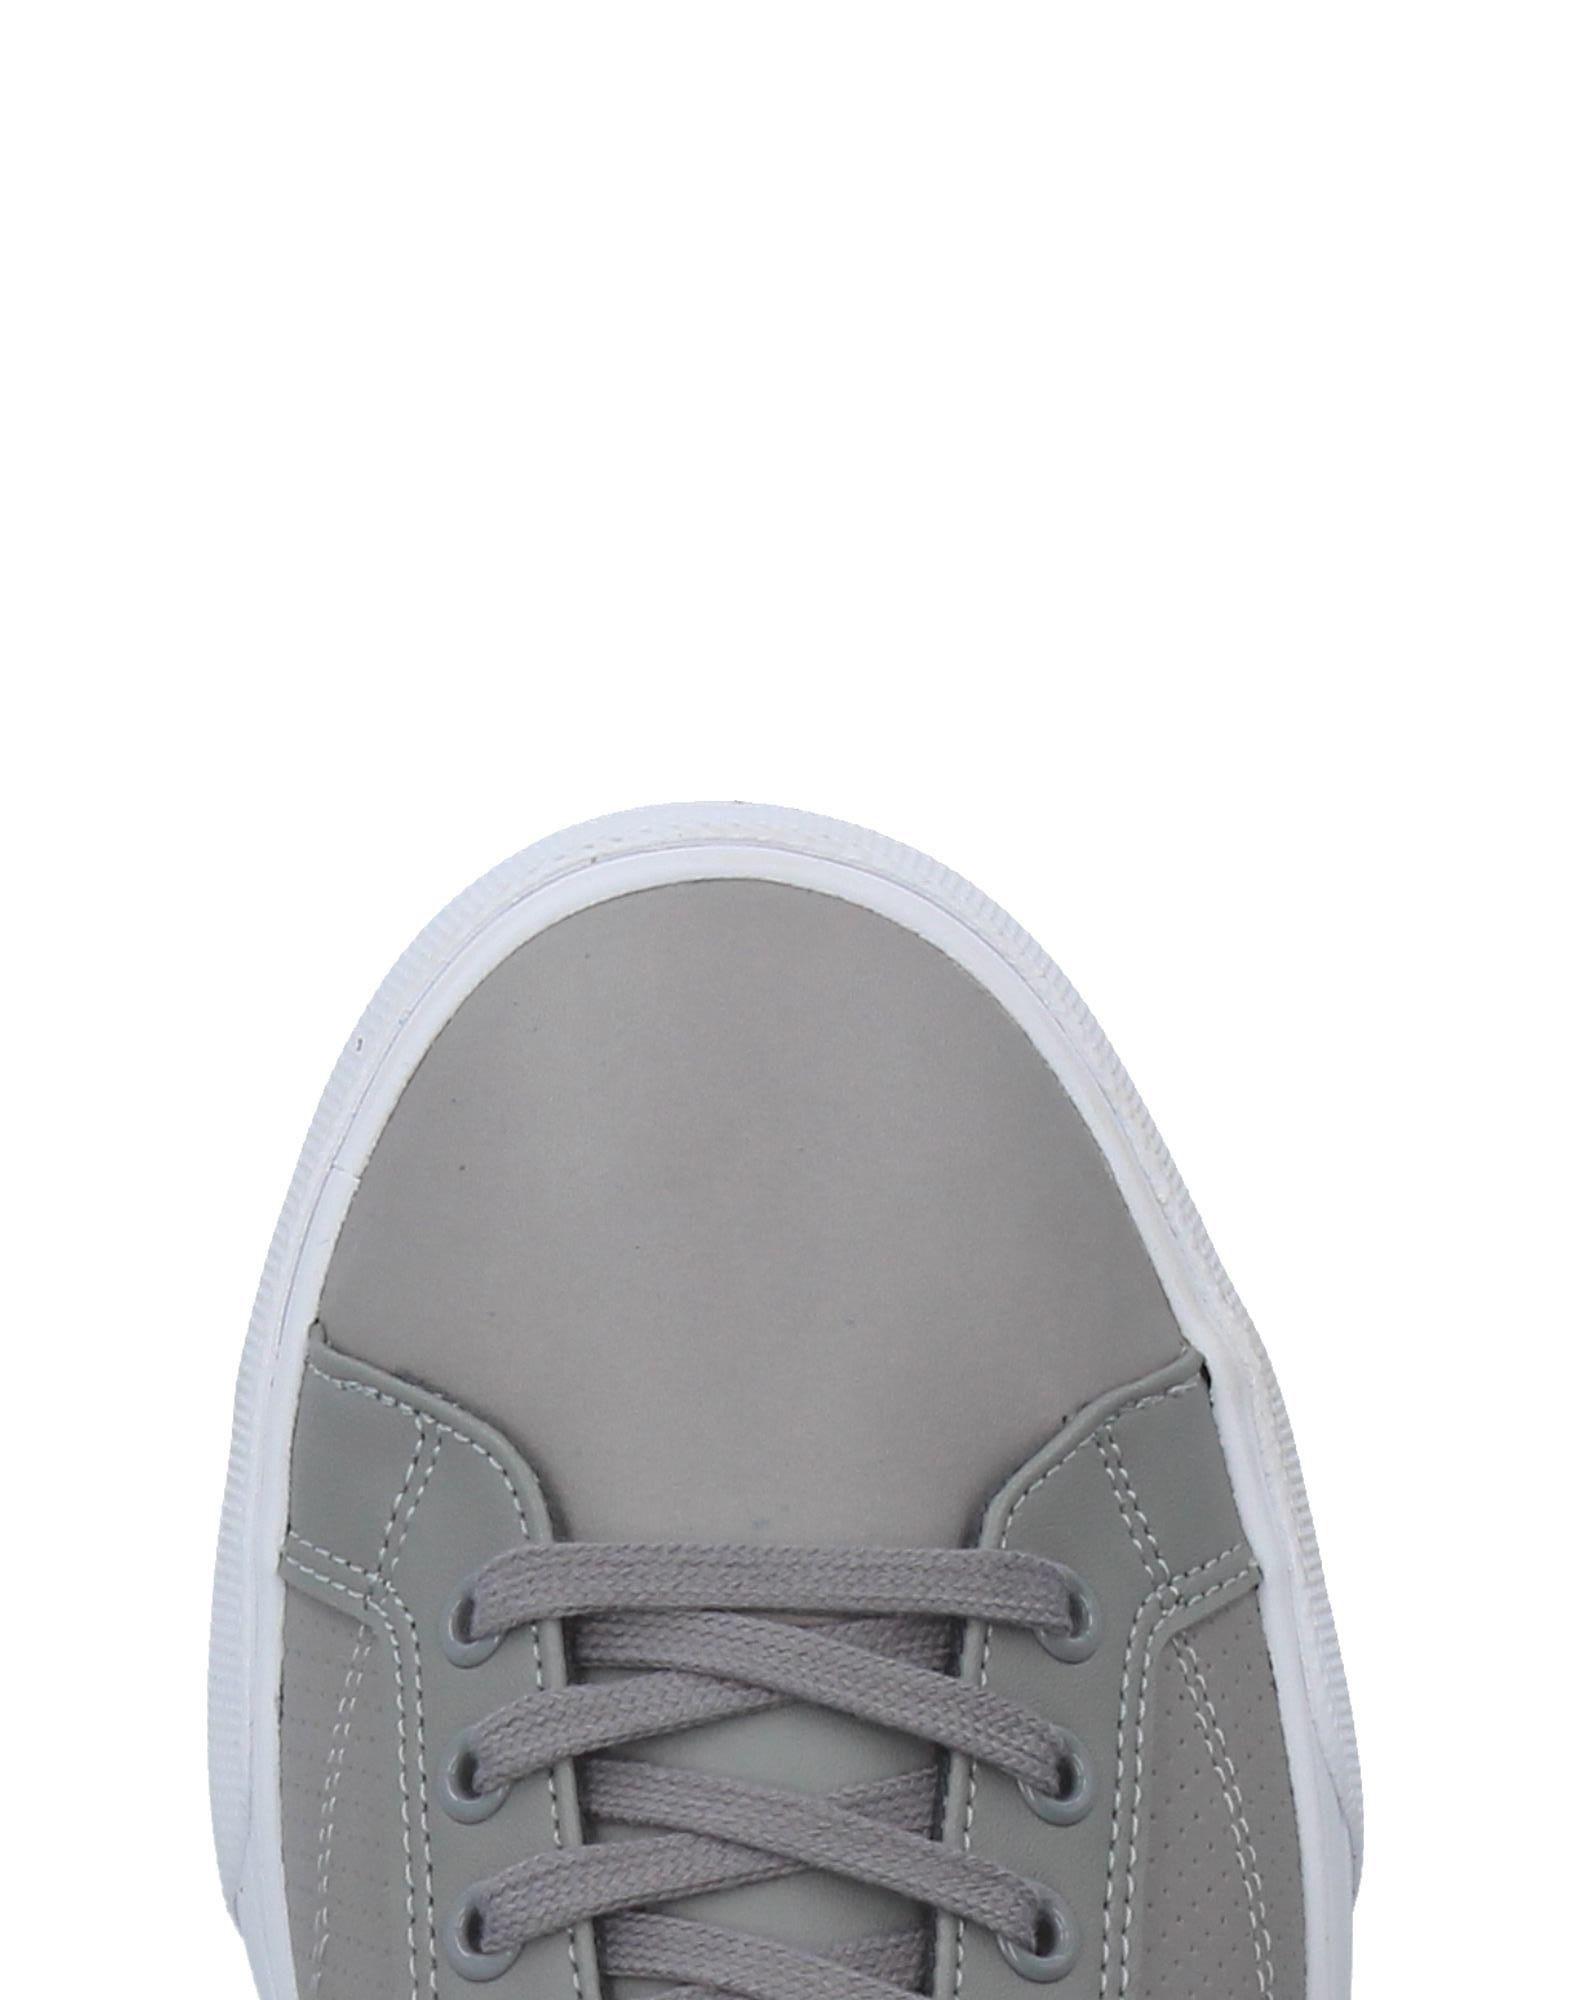 Lacoste Sneakers 11378175ME Herren  11378175ME Sneakers Heiße Schuhe f9c892